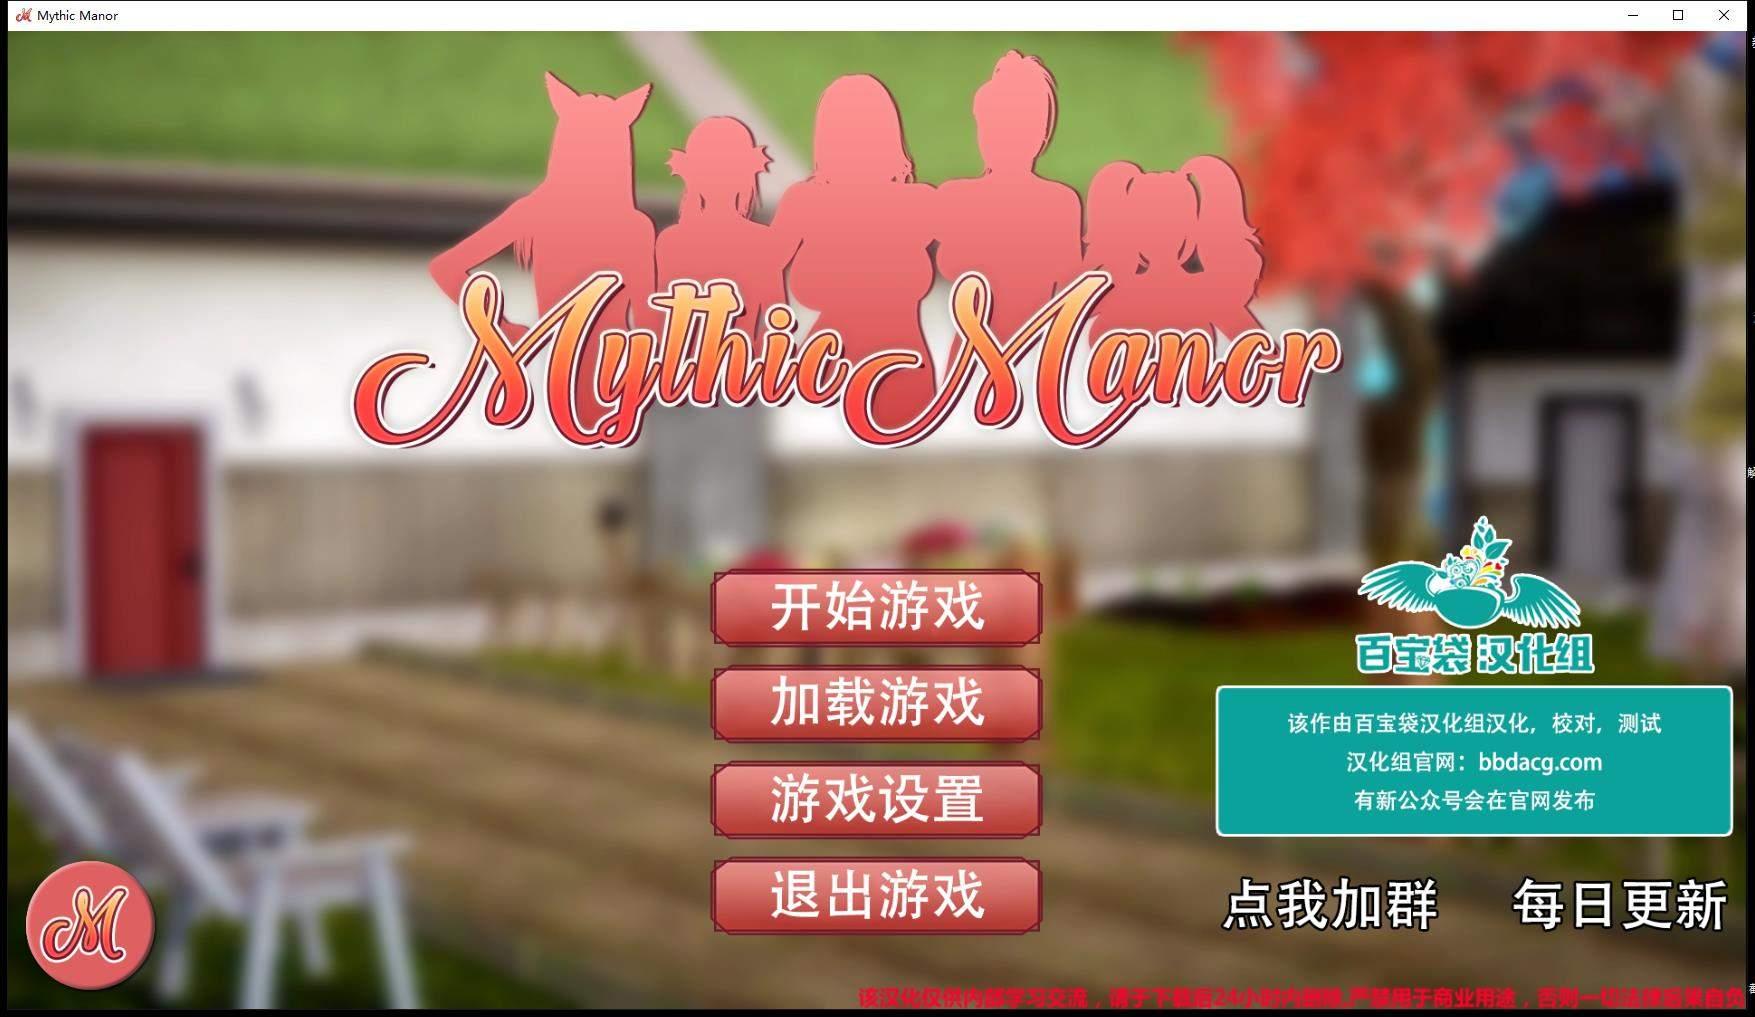 神话庄园 Ver1.5 精修完整汉化作弊版 安卓端-第1张